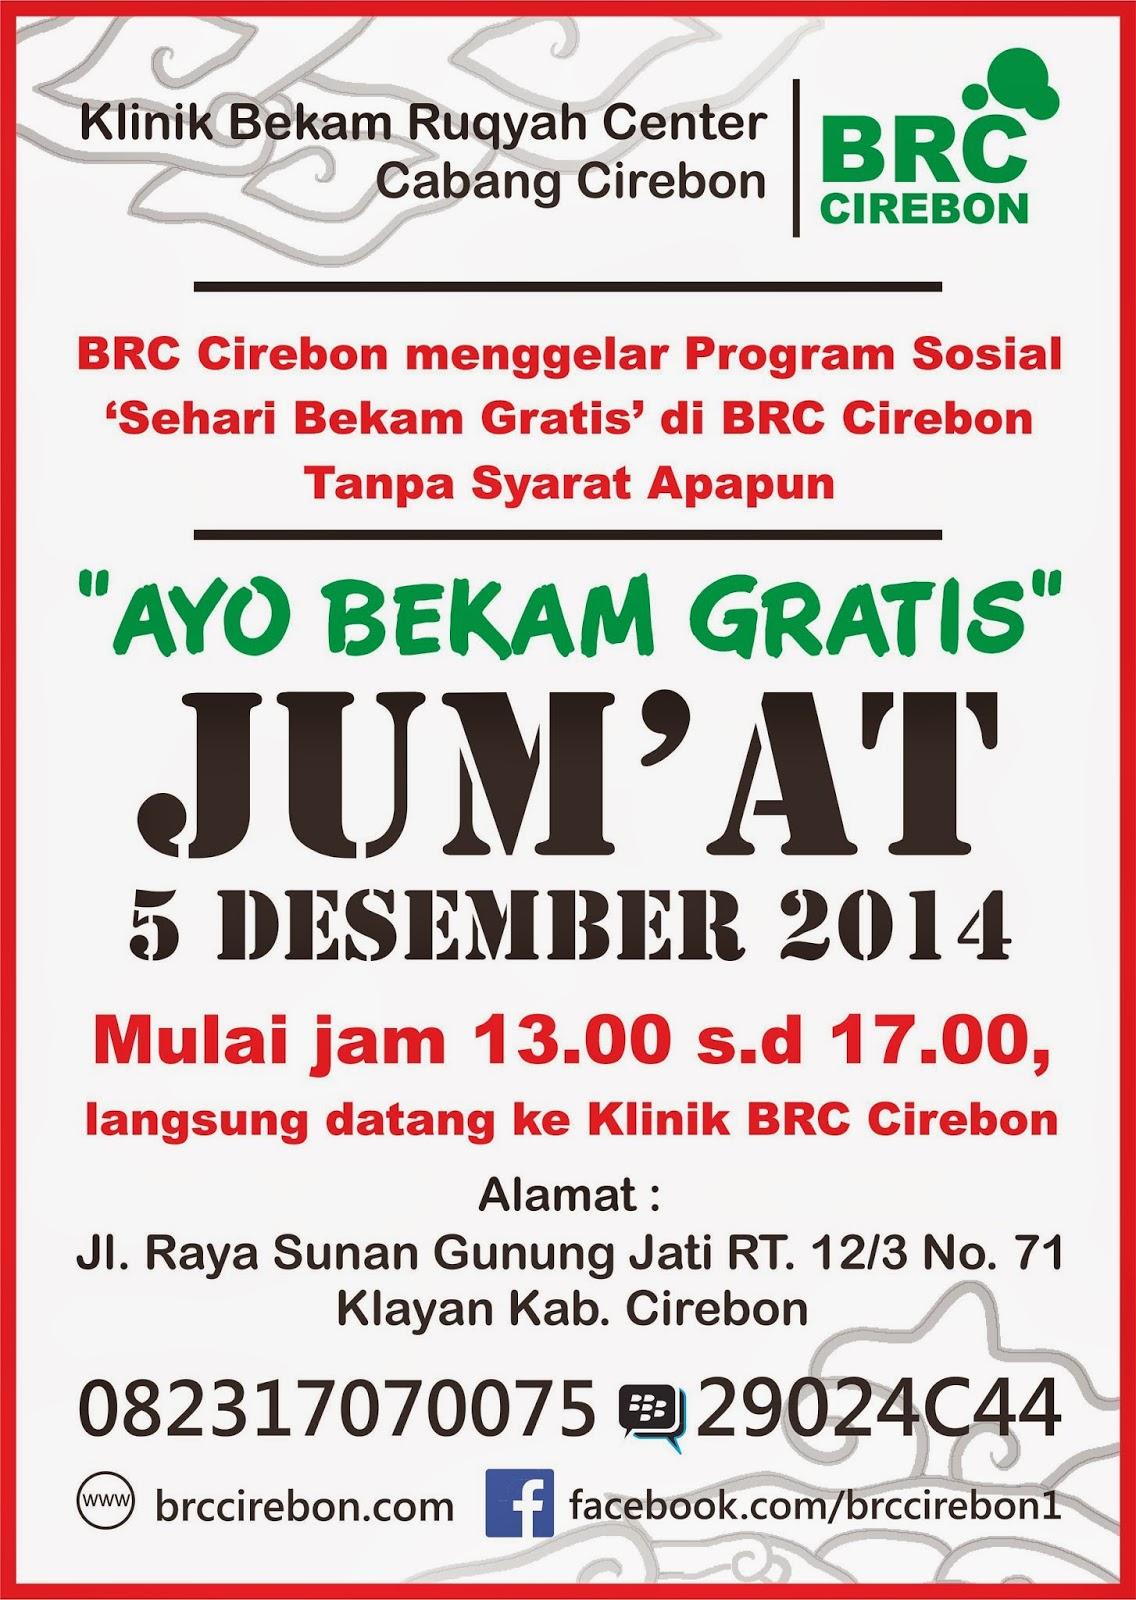 Klinik Pengobatan Alternatif Bekam Ruqyah di Cirebon Gratis